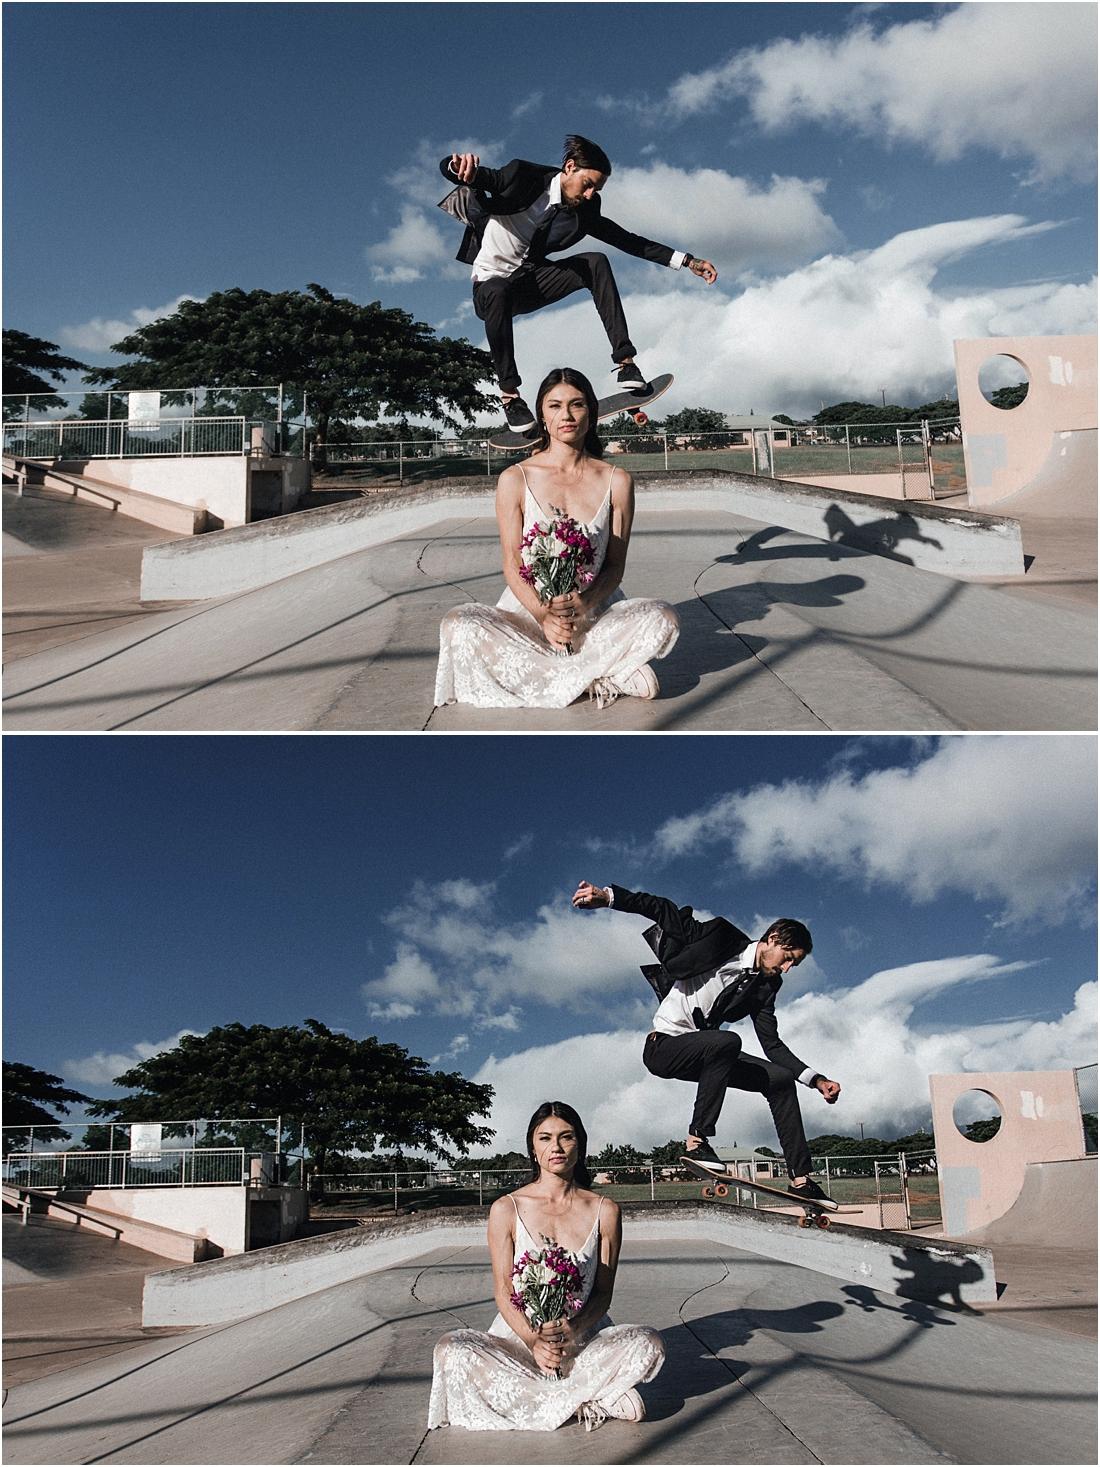 a-skateboard-wedding-5